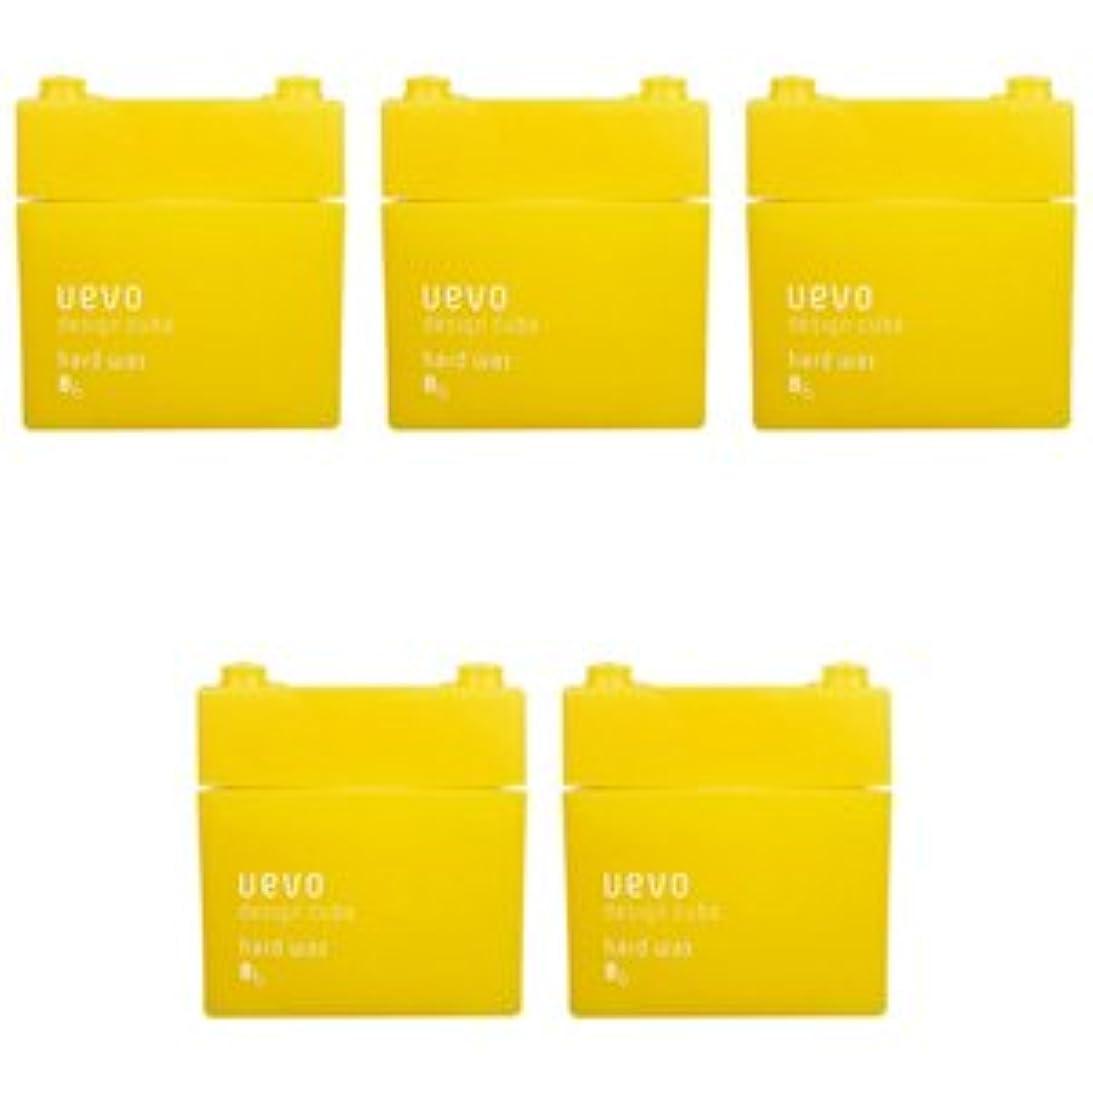 ナイトスポット最初温かい【X5個セット】 デミ ウェーボ デザインキューブ ハードワックス 80g hard wax DEMI uevo design cube